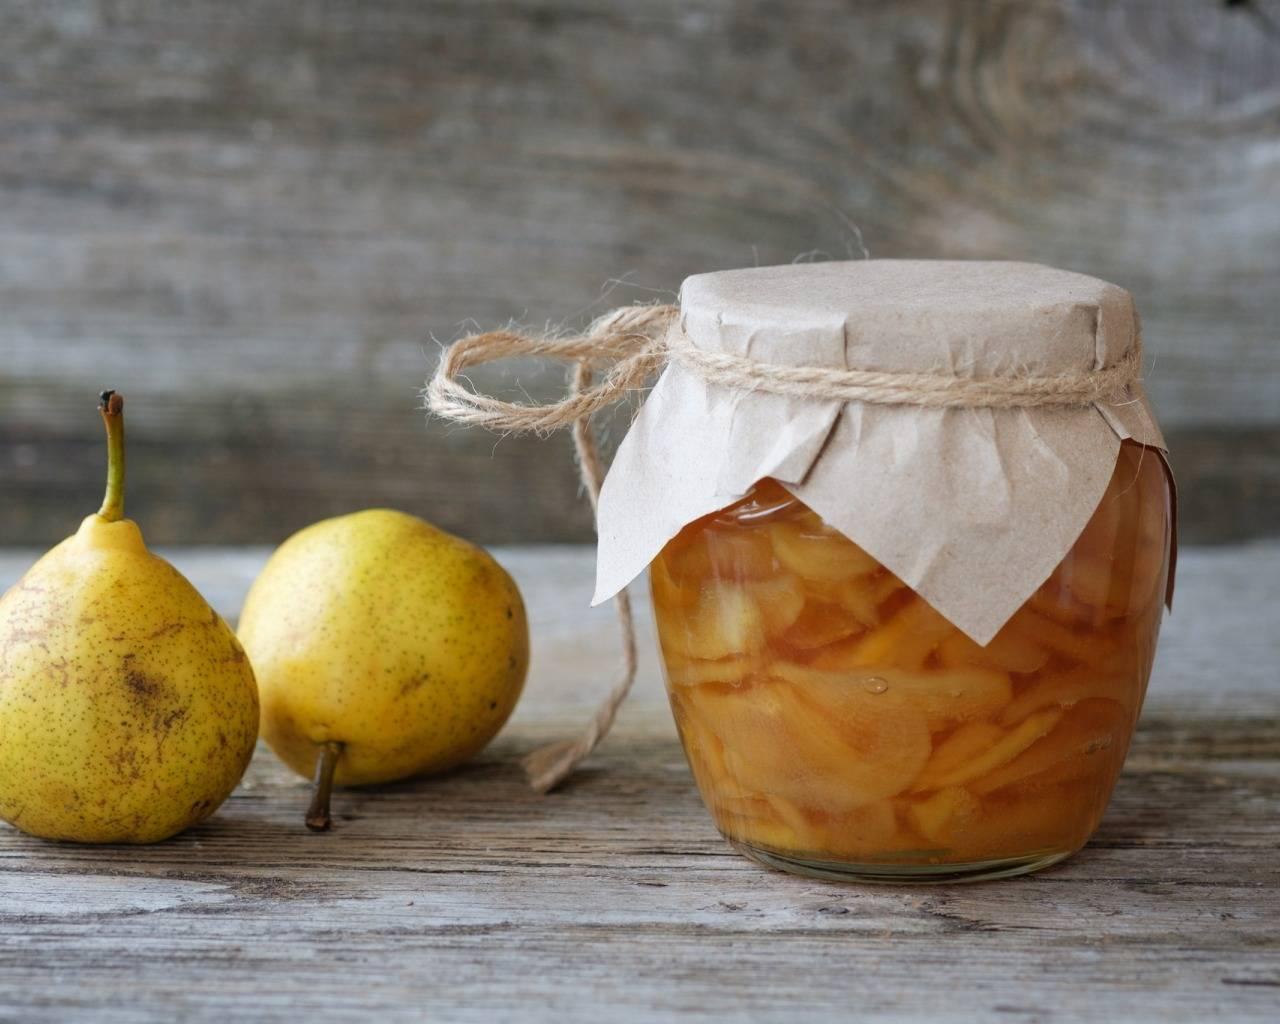 Домашний джем из фруктов и ягод — вкусные рецепты на зиму